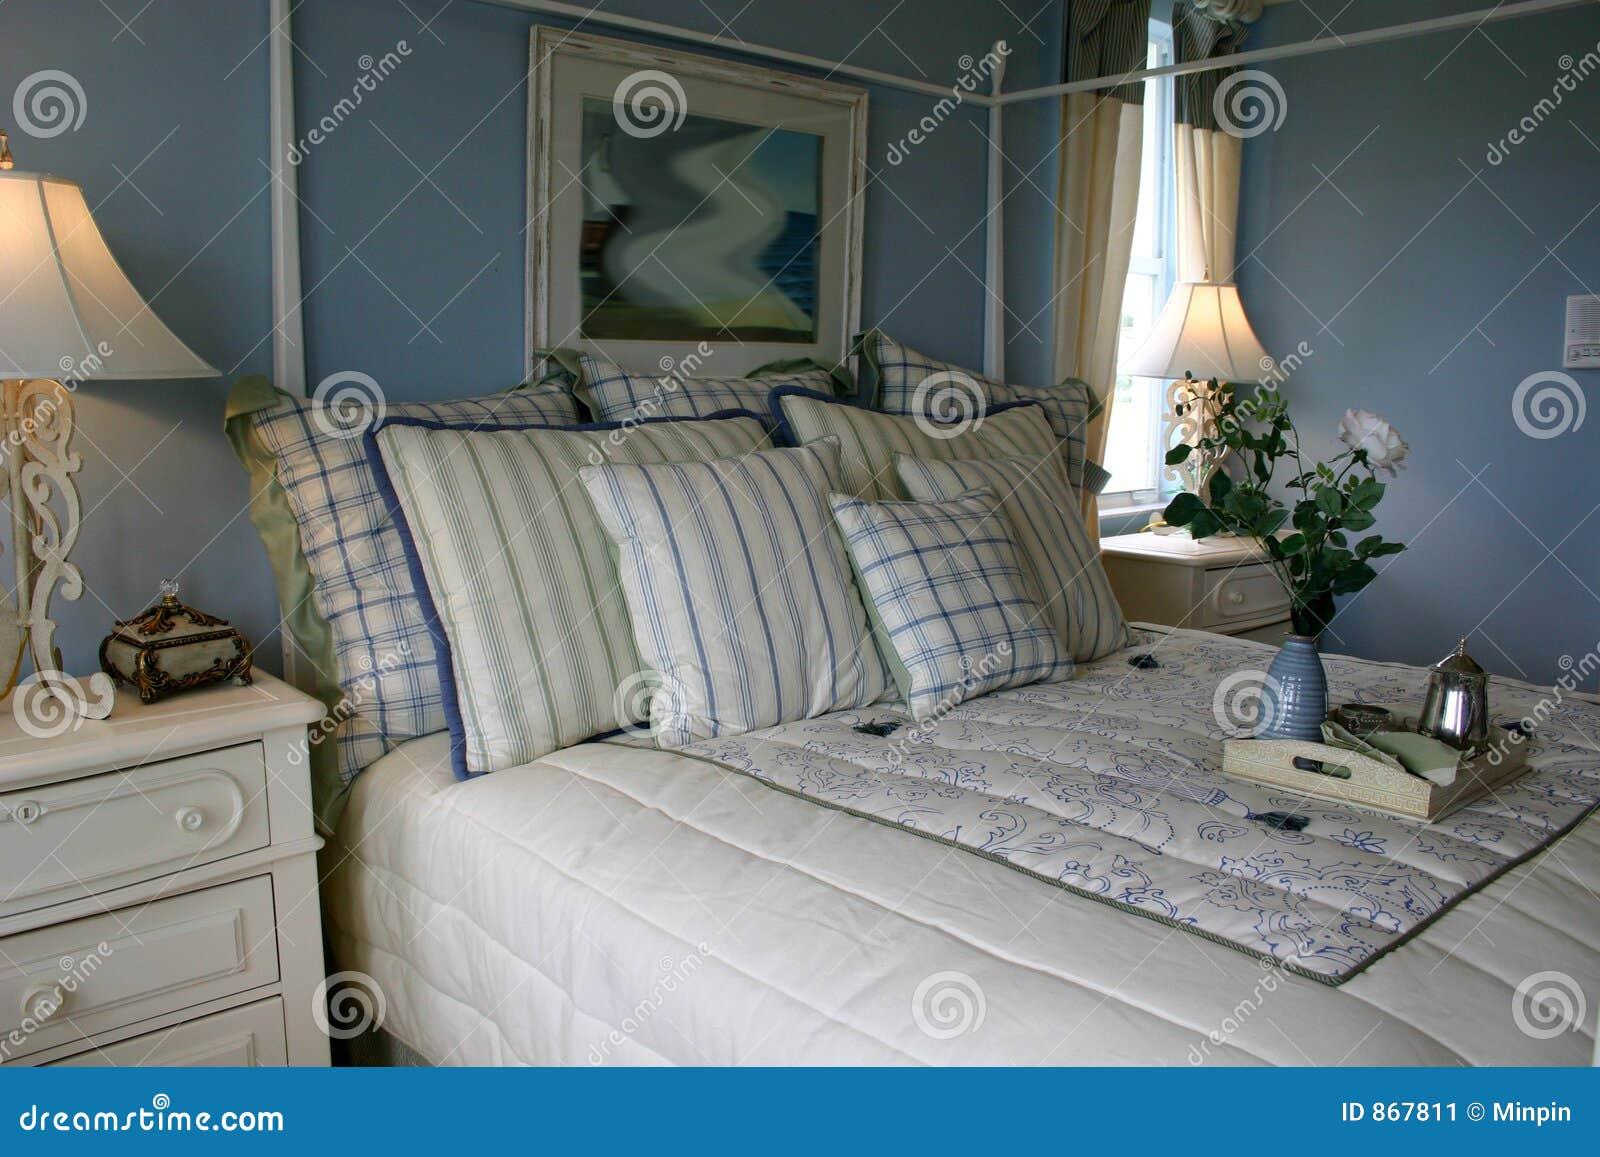 Camera da letto blu immagine stock immagine 867811 for Camera da letto blu